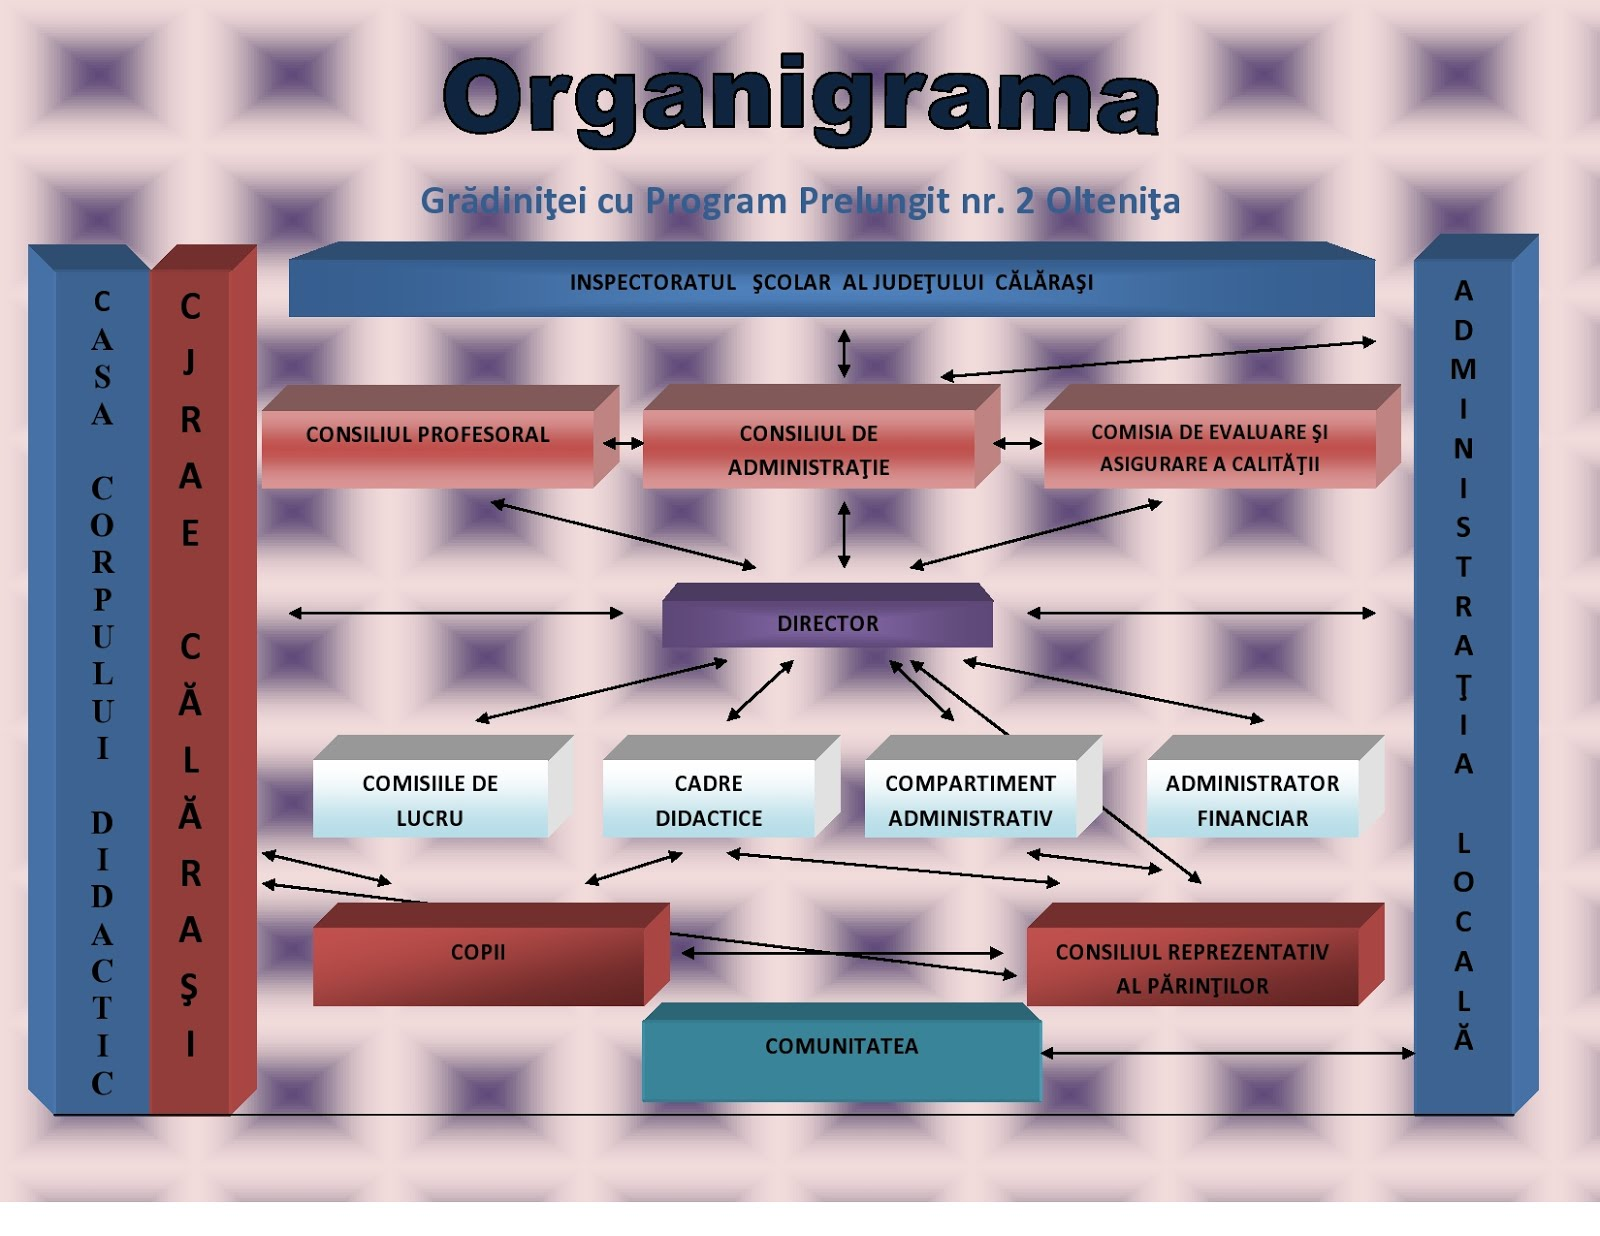 Organigrama grădiniței